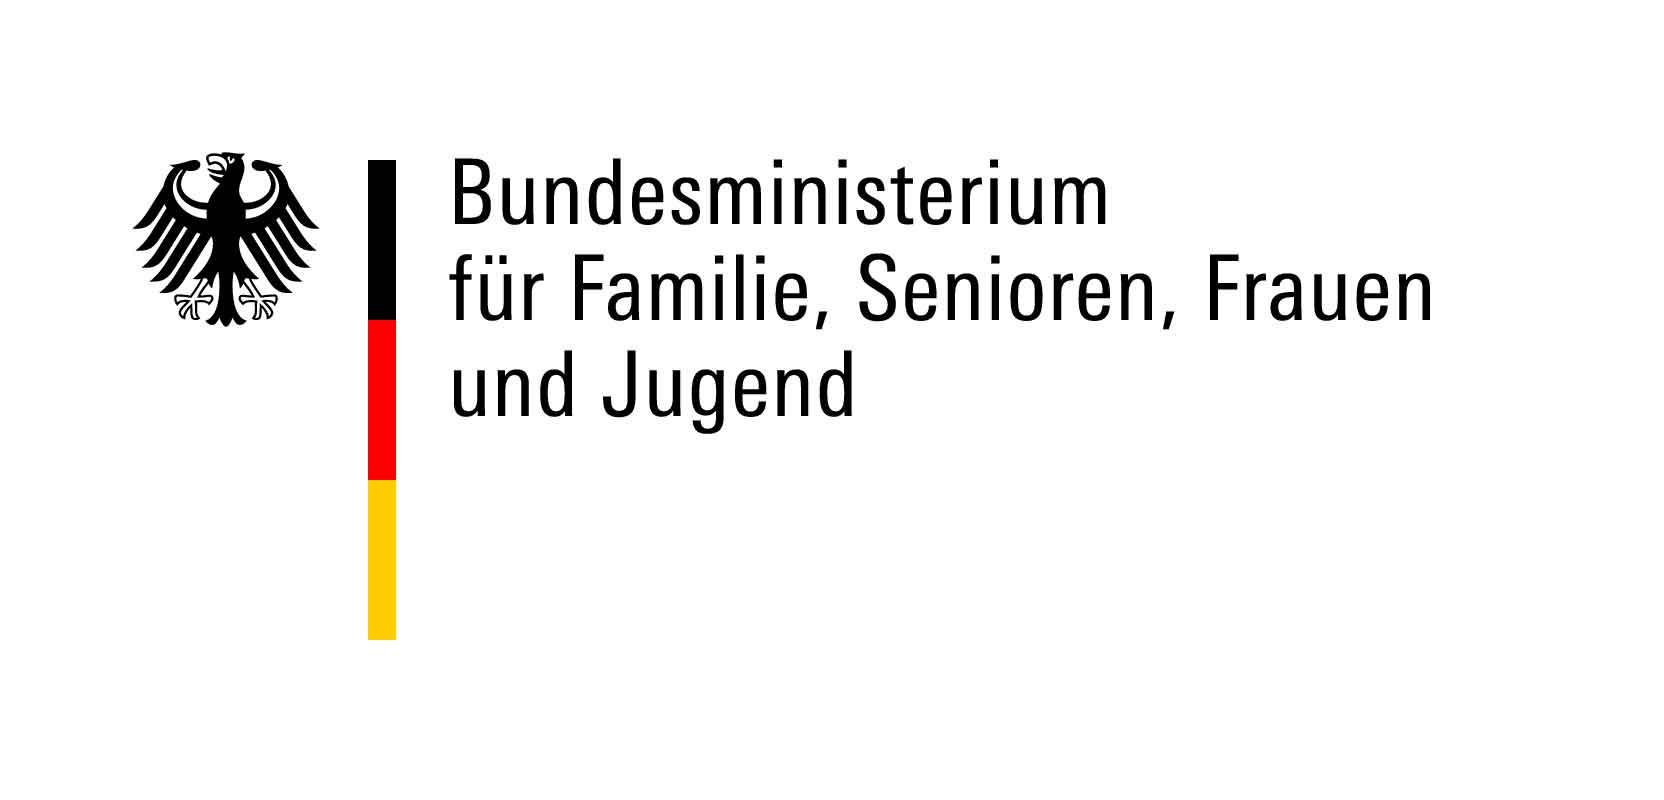 Logo des Förderlogo des Bundesministeriums für Familie, Senioren, Frauen und Jugend (BMFSFJ)